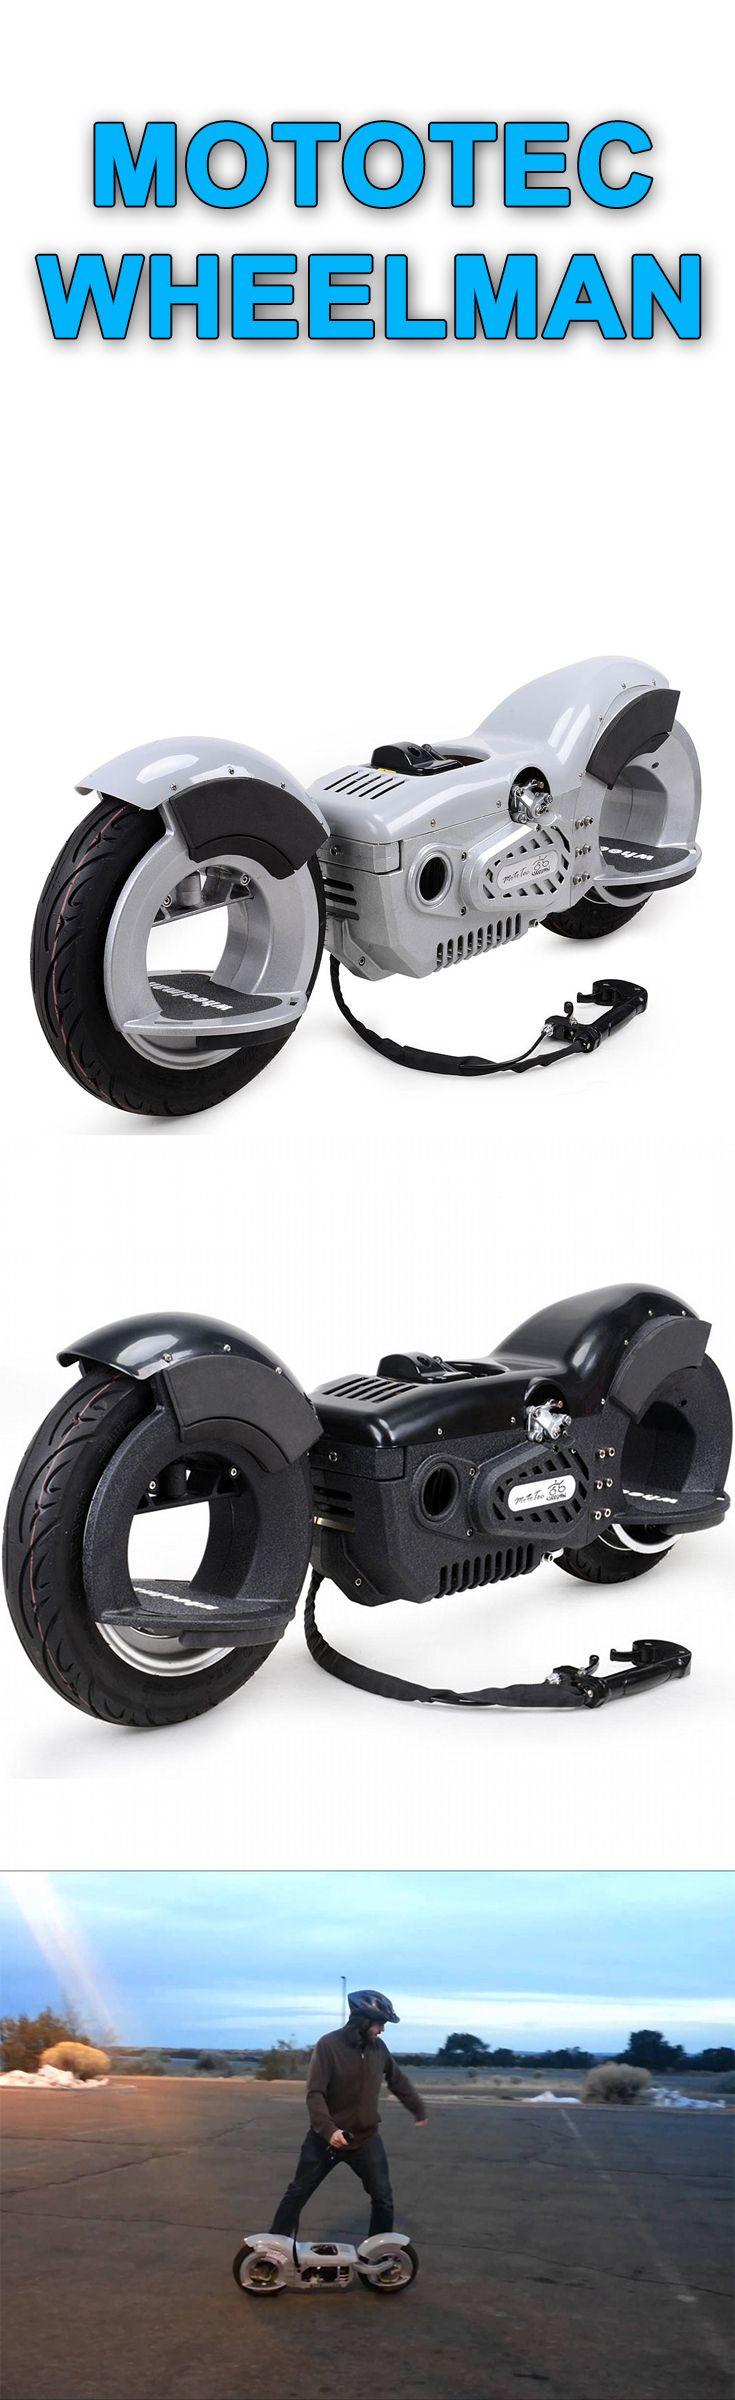 MotoTec Wheelman. | MotoTec Wheelman | gas powered skateboard | wheelman skateboard | gas skateboard | wheelman gas skateboard | gas powered skateboards | mototec skateboard | mototec electric skateboard | wheelman motorized skateboard | gas motorized skateboard |